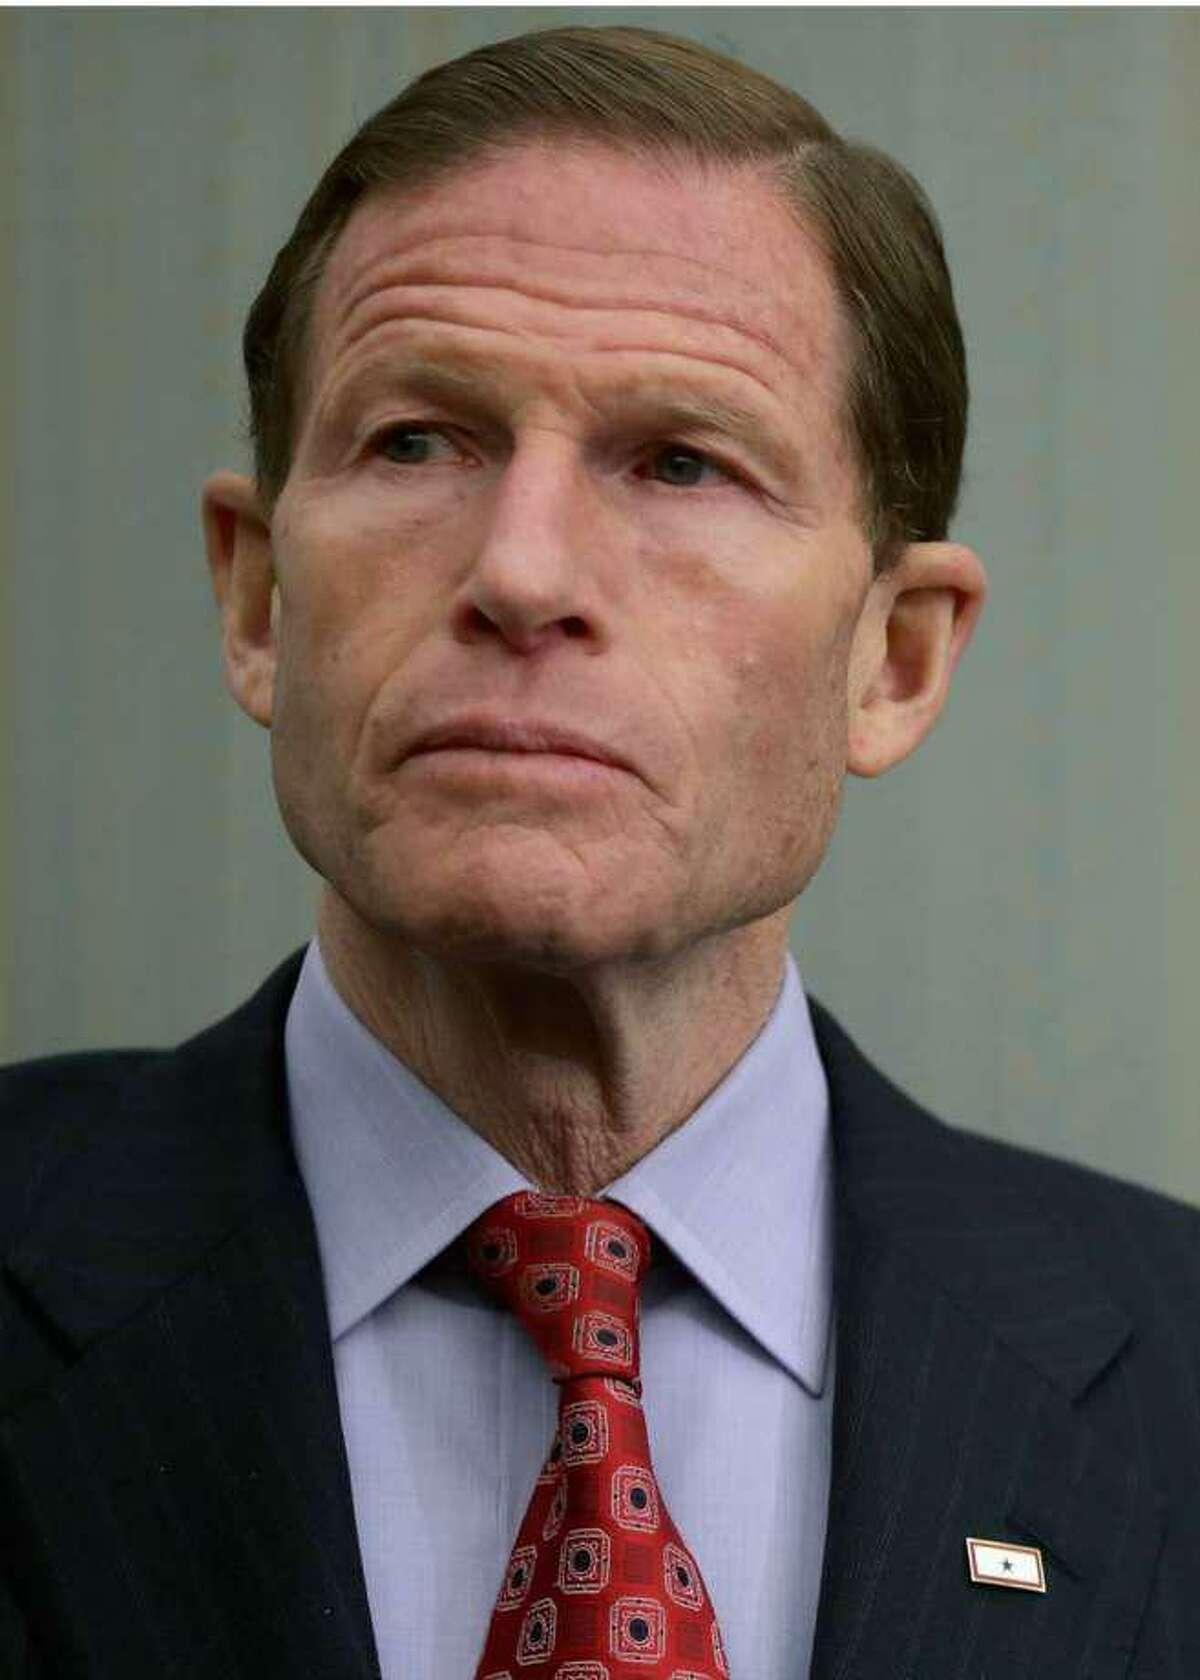 U.S. Sen. Richard Blumenthal, D-CT